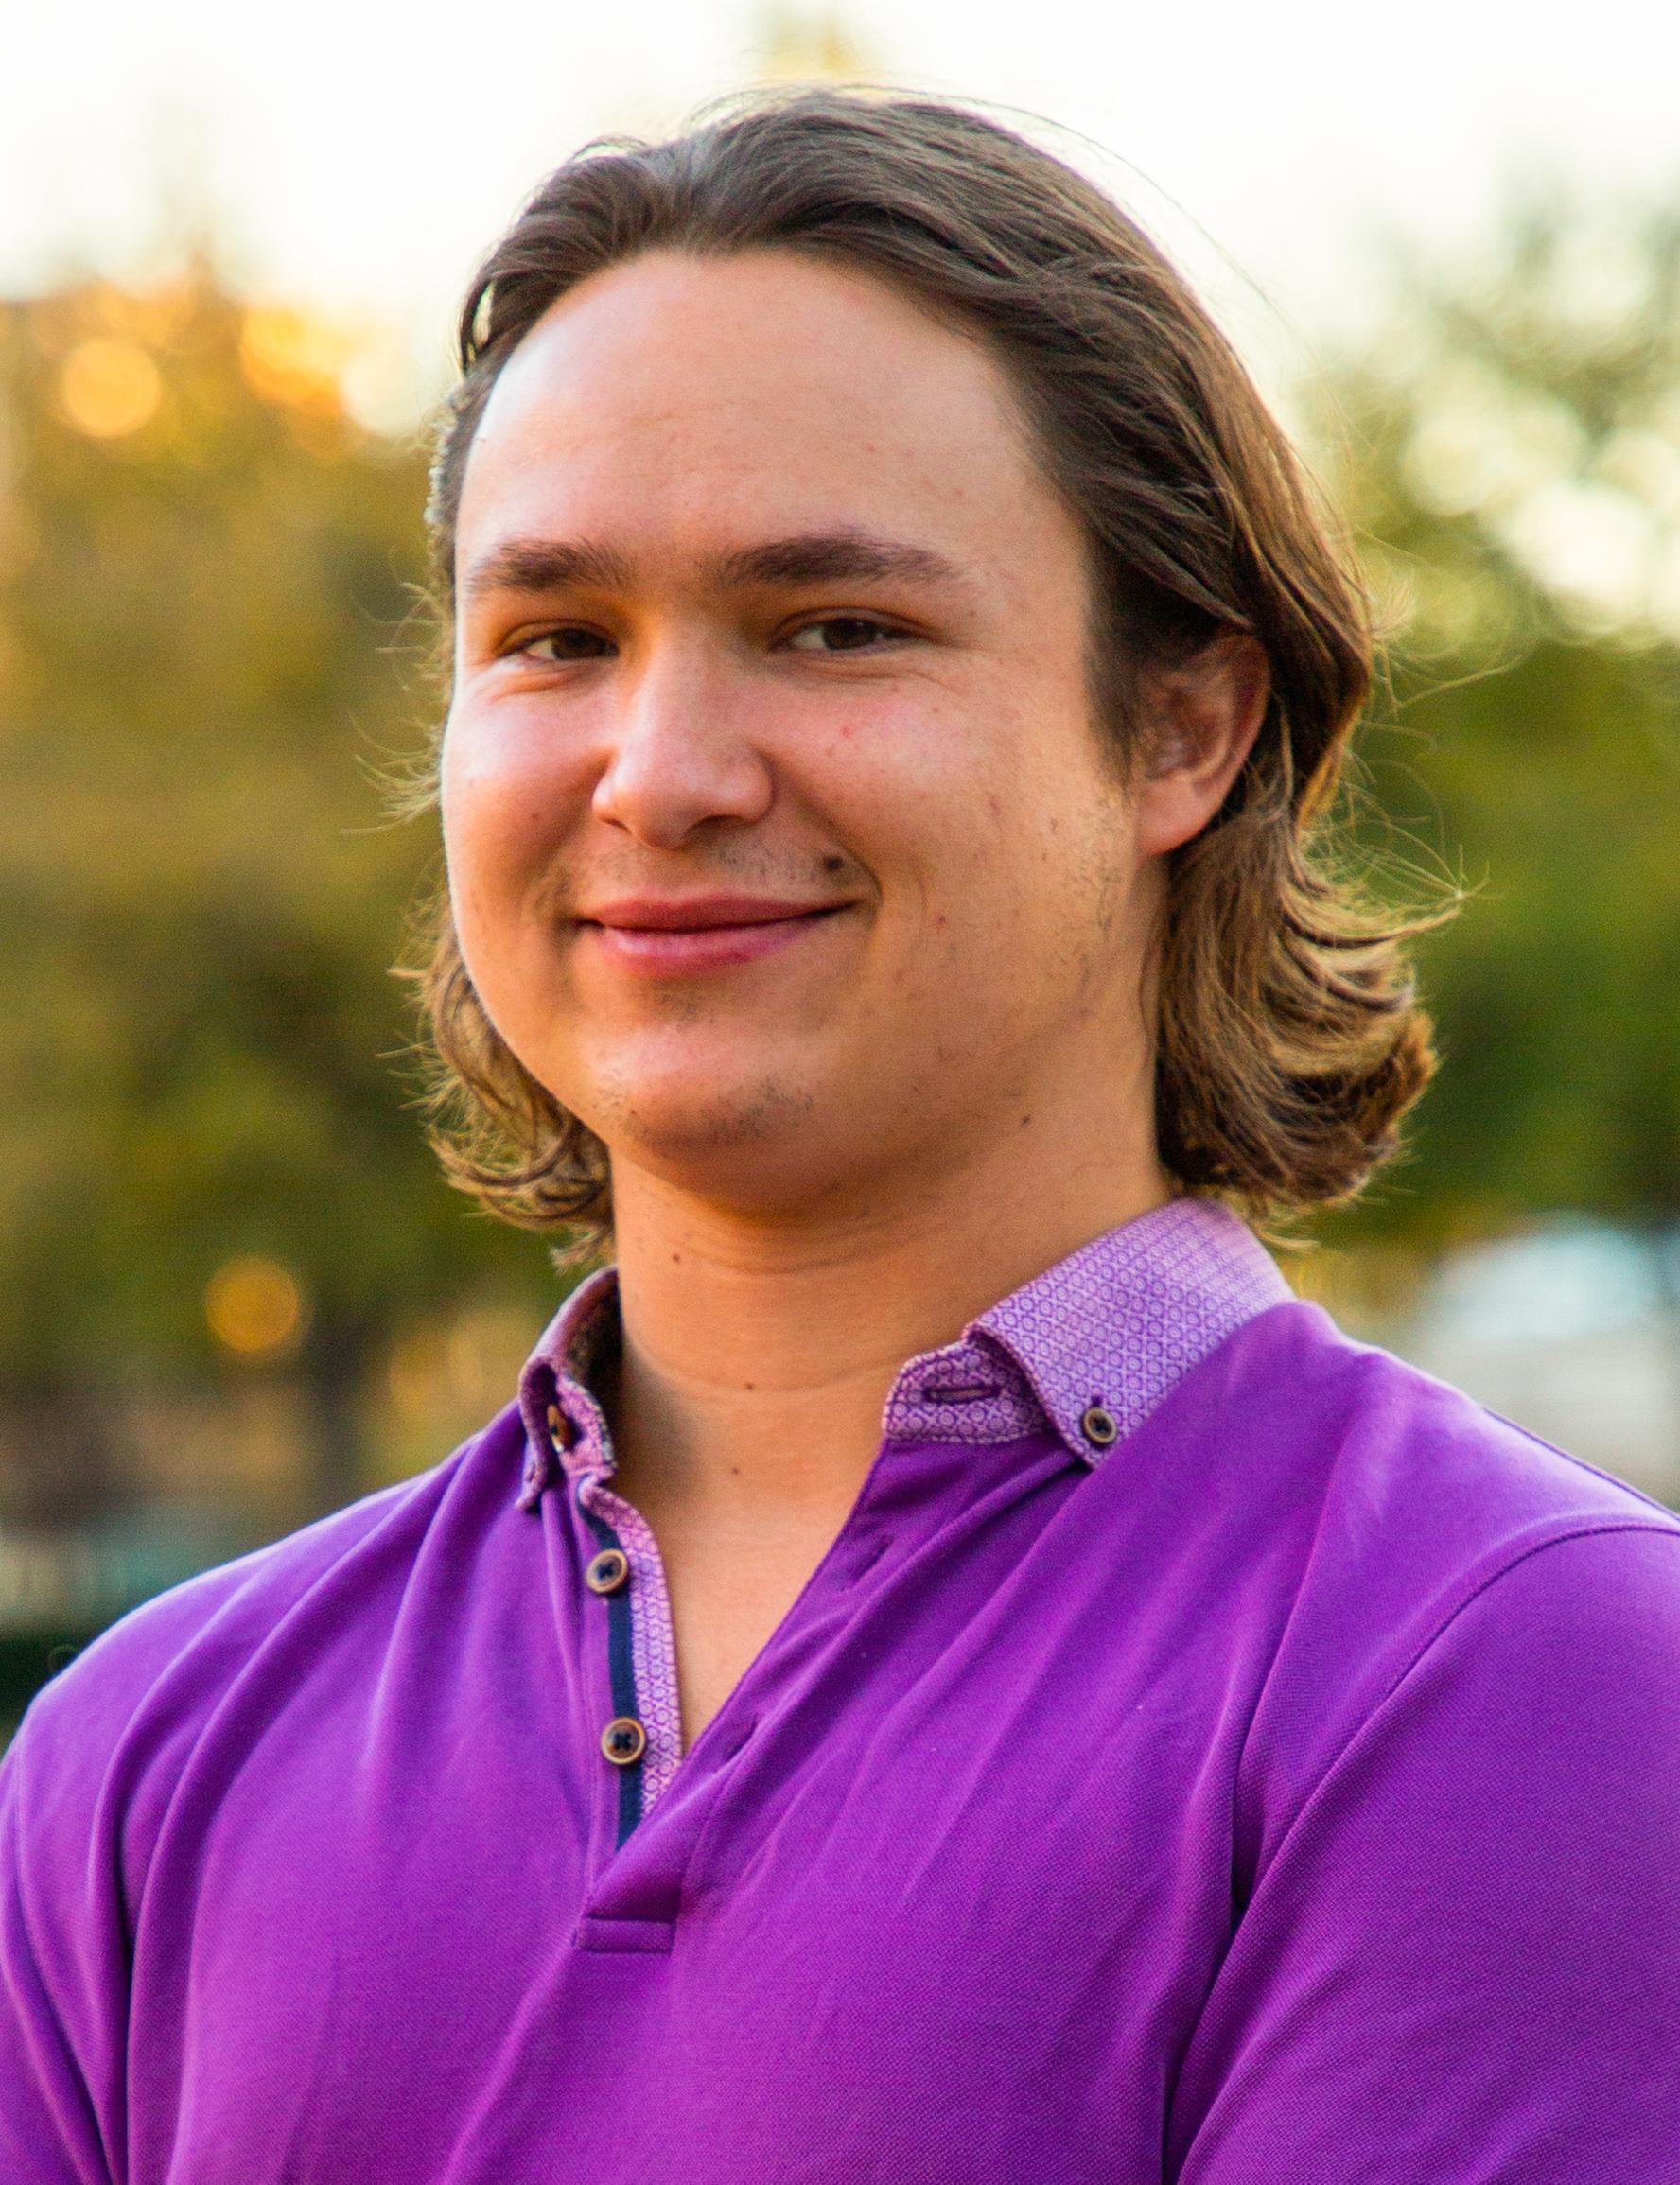 Jacob Leon